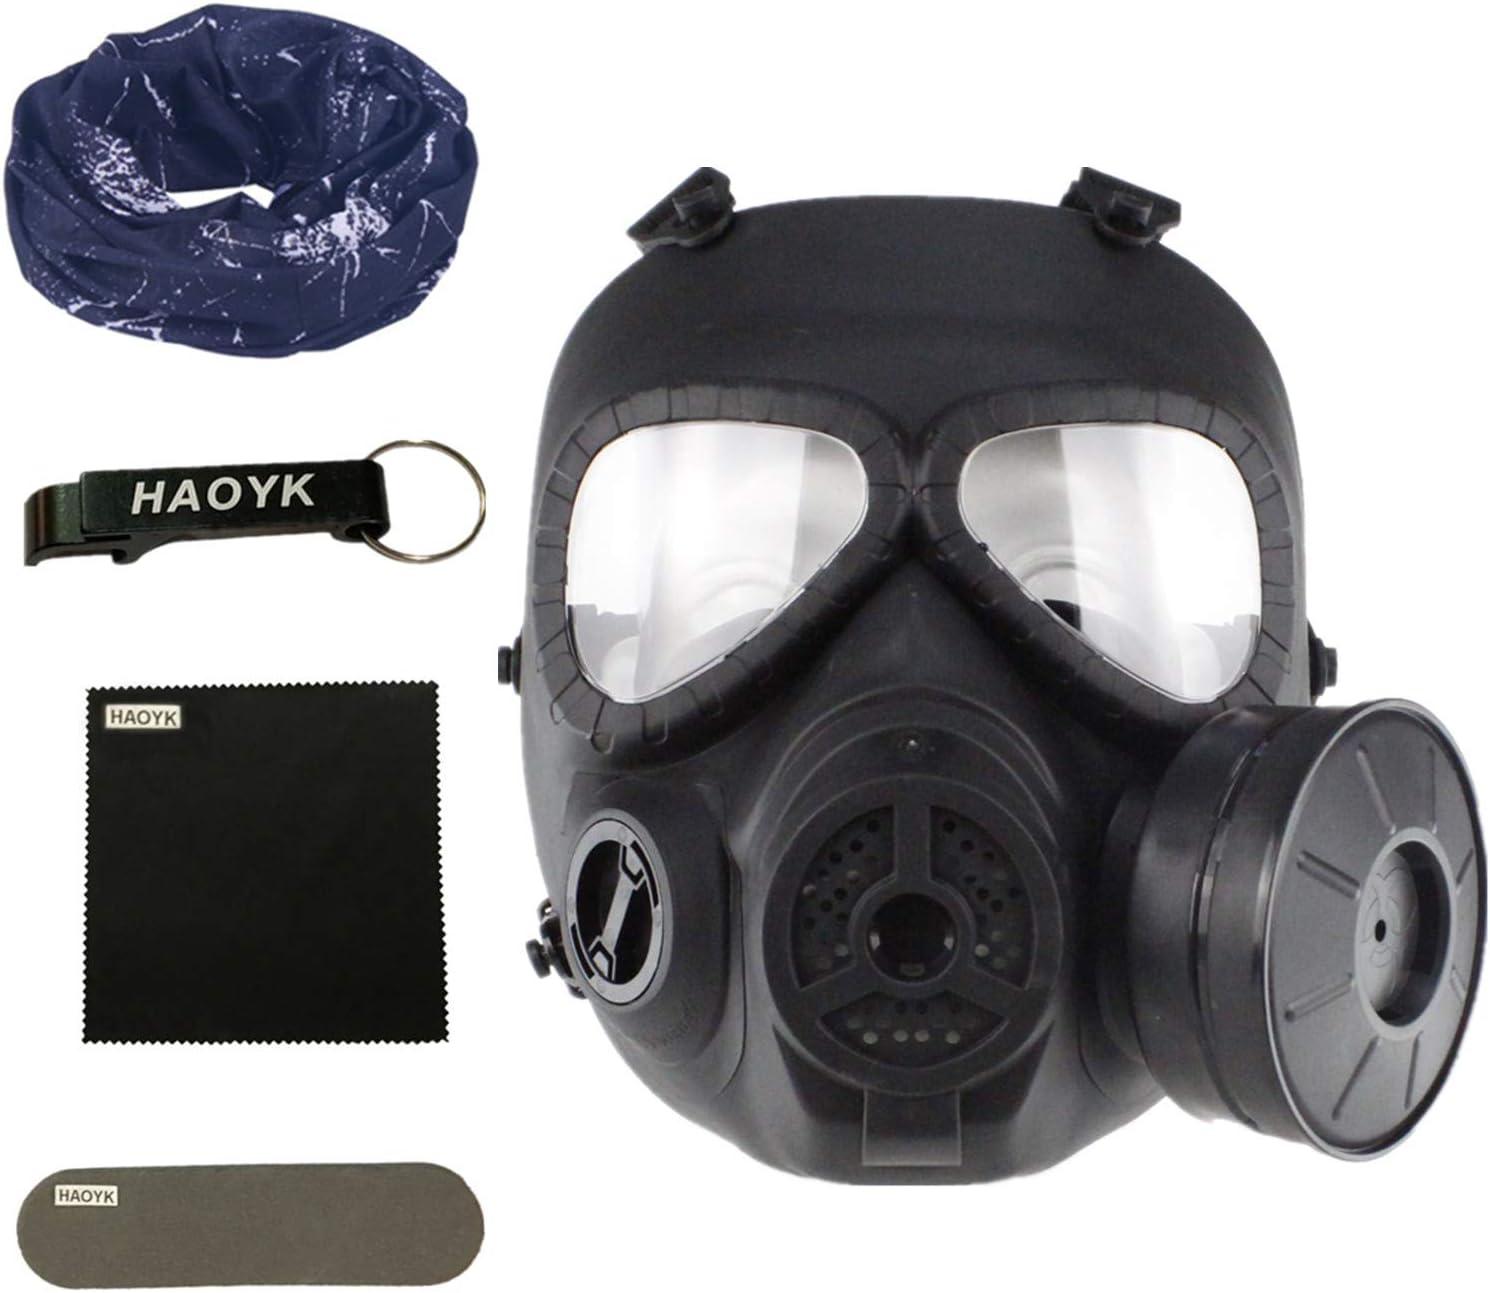 haoYk táctico Dummy Anti Niebla máscara de Gas M04 con Turbo Ventilador Airsoft paintbal protección Gear - Llavero Incluido